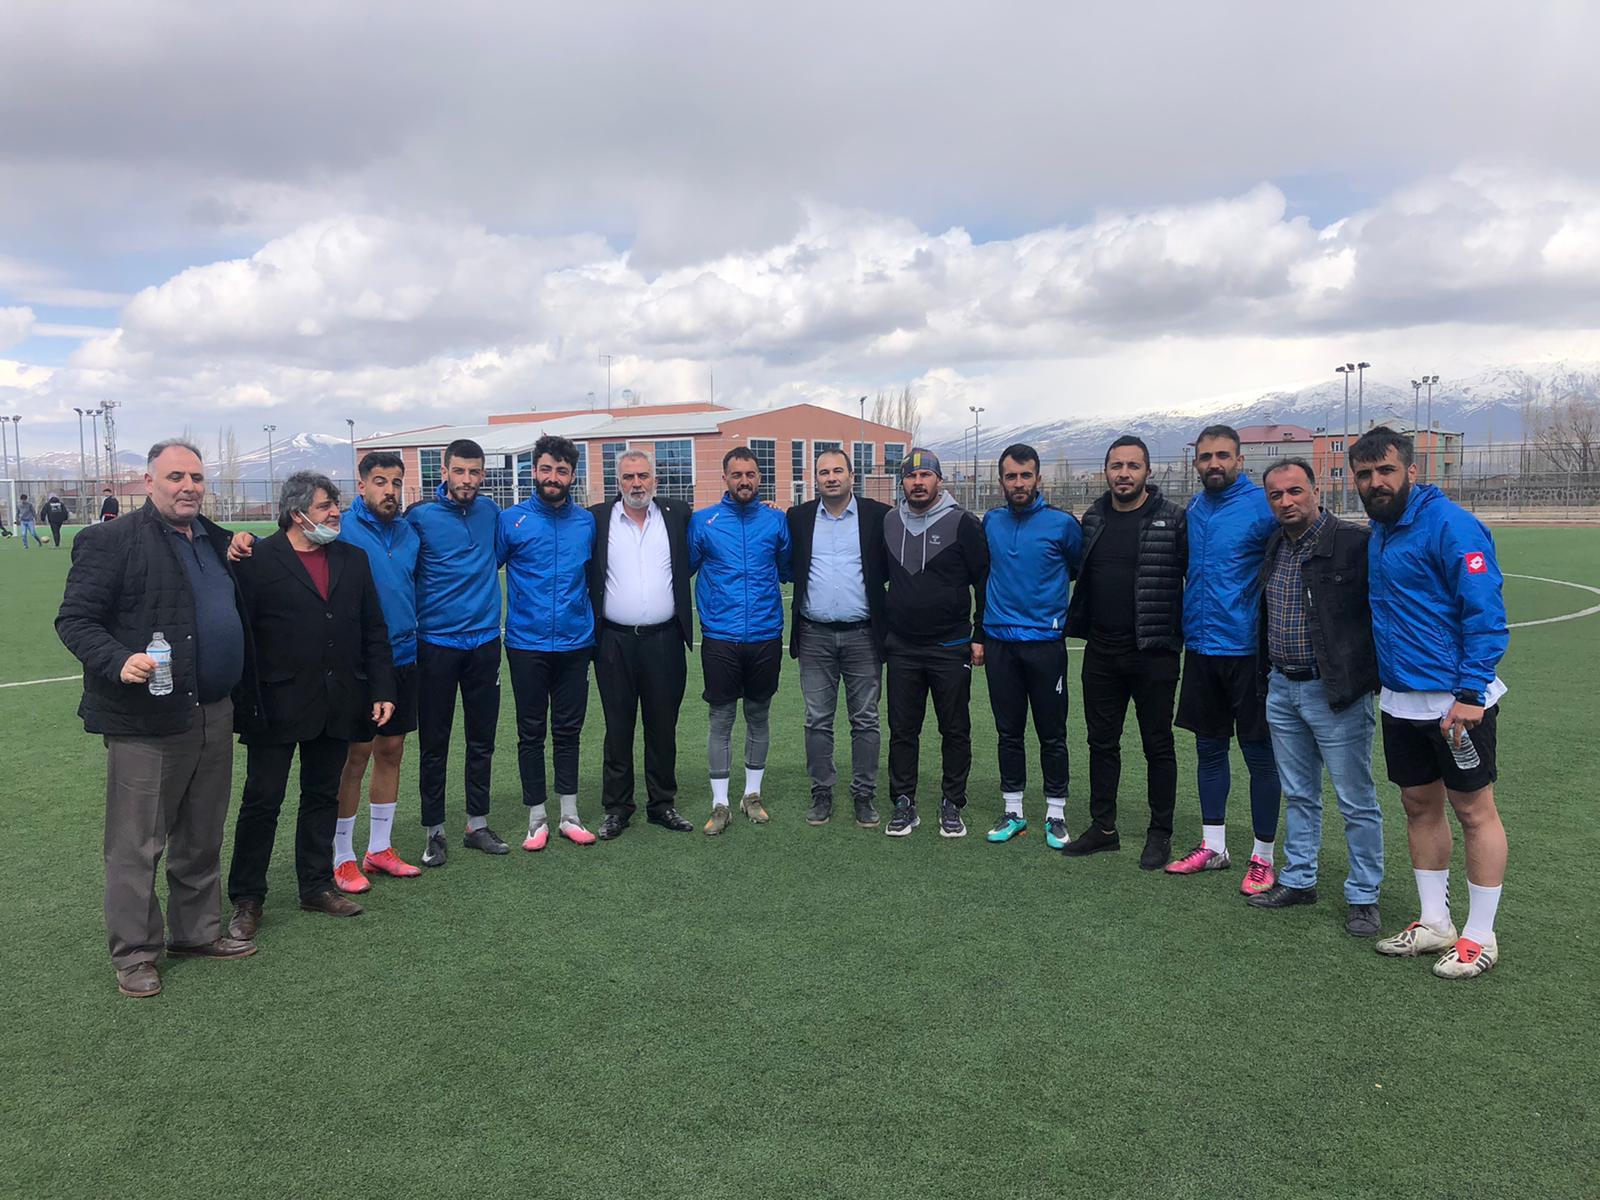 ASKF'den Doğubayazıt Belediye Spor'a ziyaret